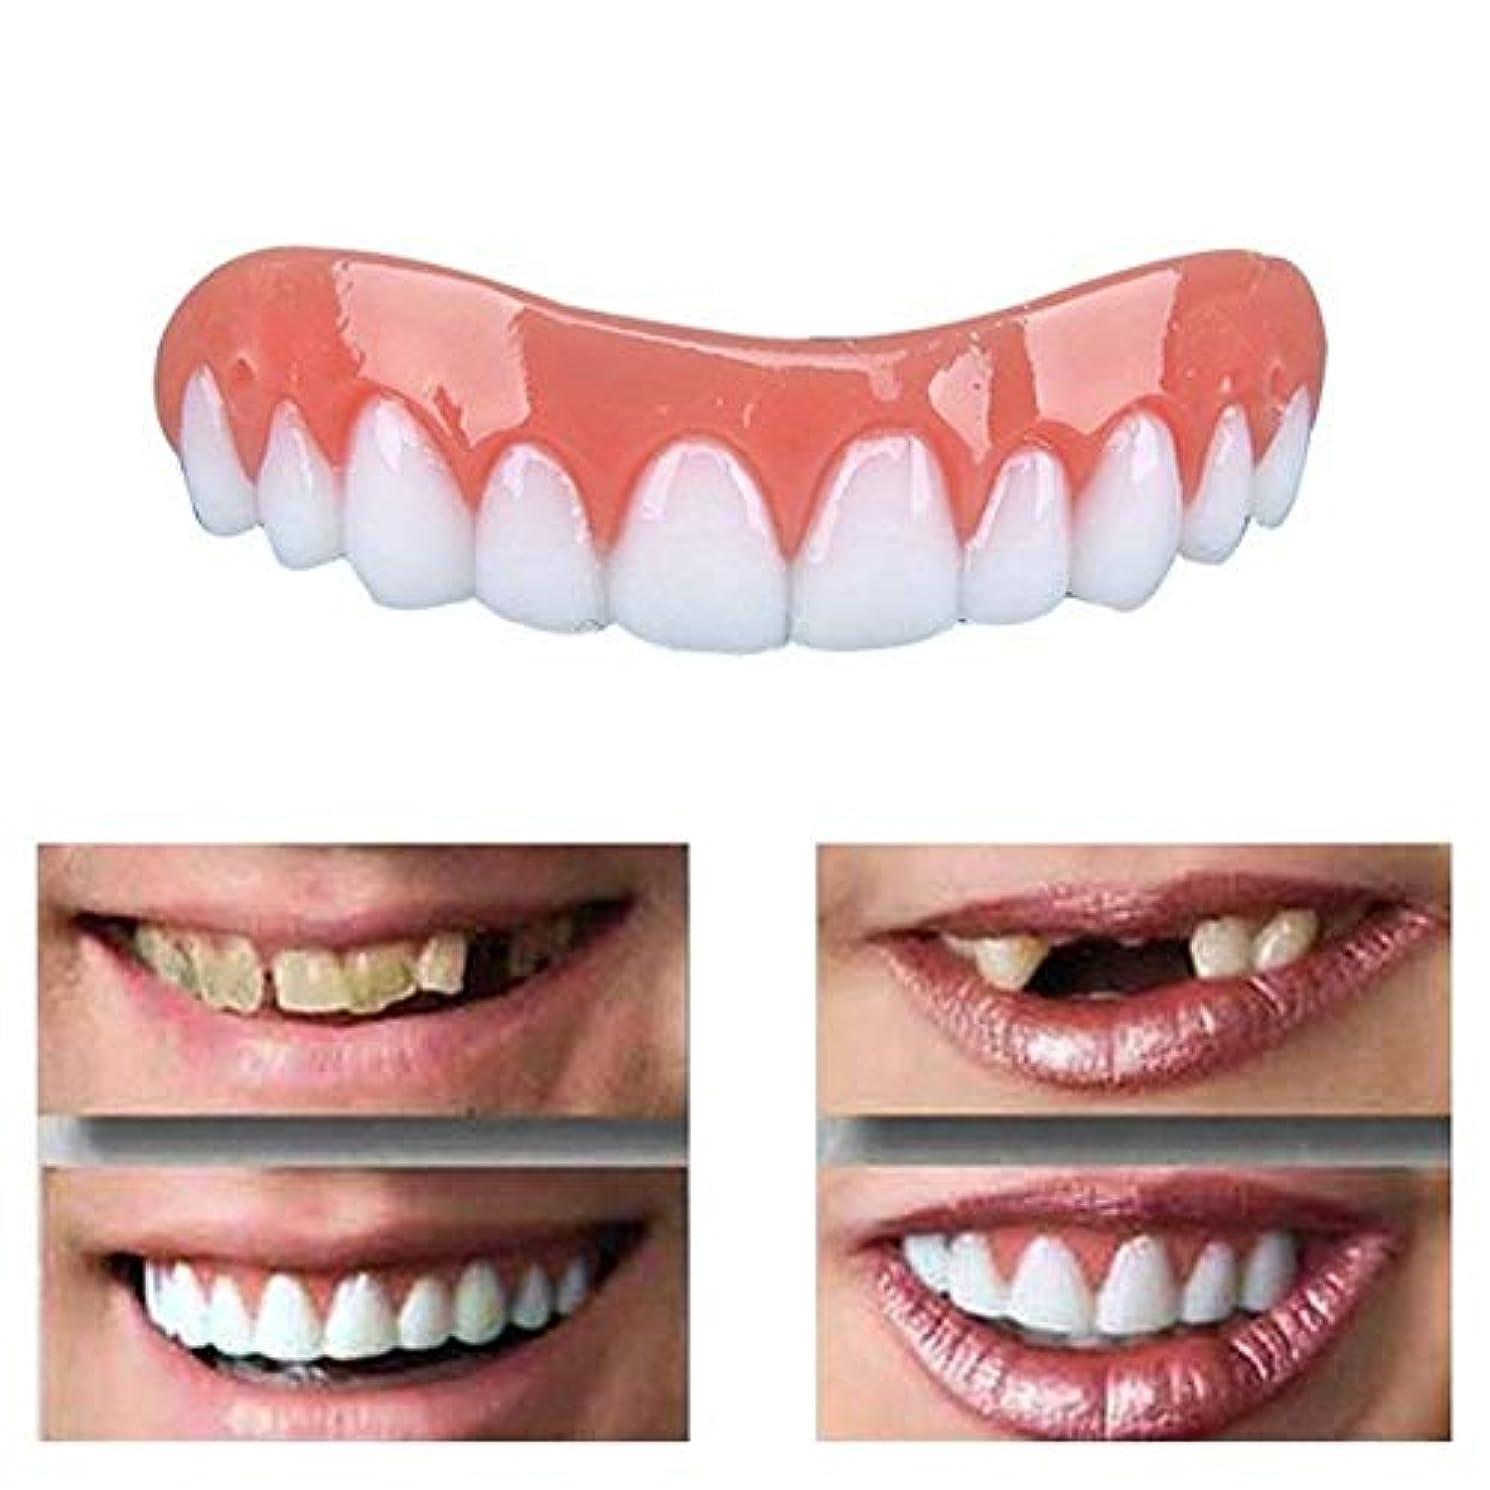 神のリダクター型2組の完璧な笑顔のベニヤダブの歯の修正のための在庫でダブあなたに与える完璧な笑顔のベニヤ